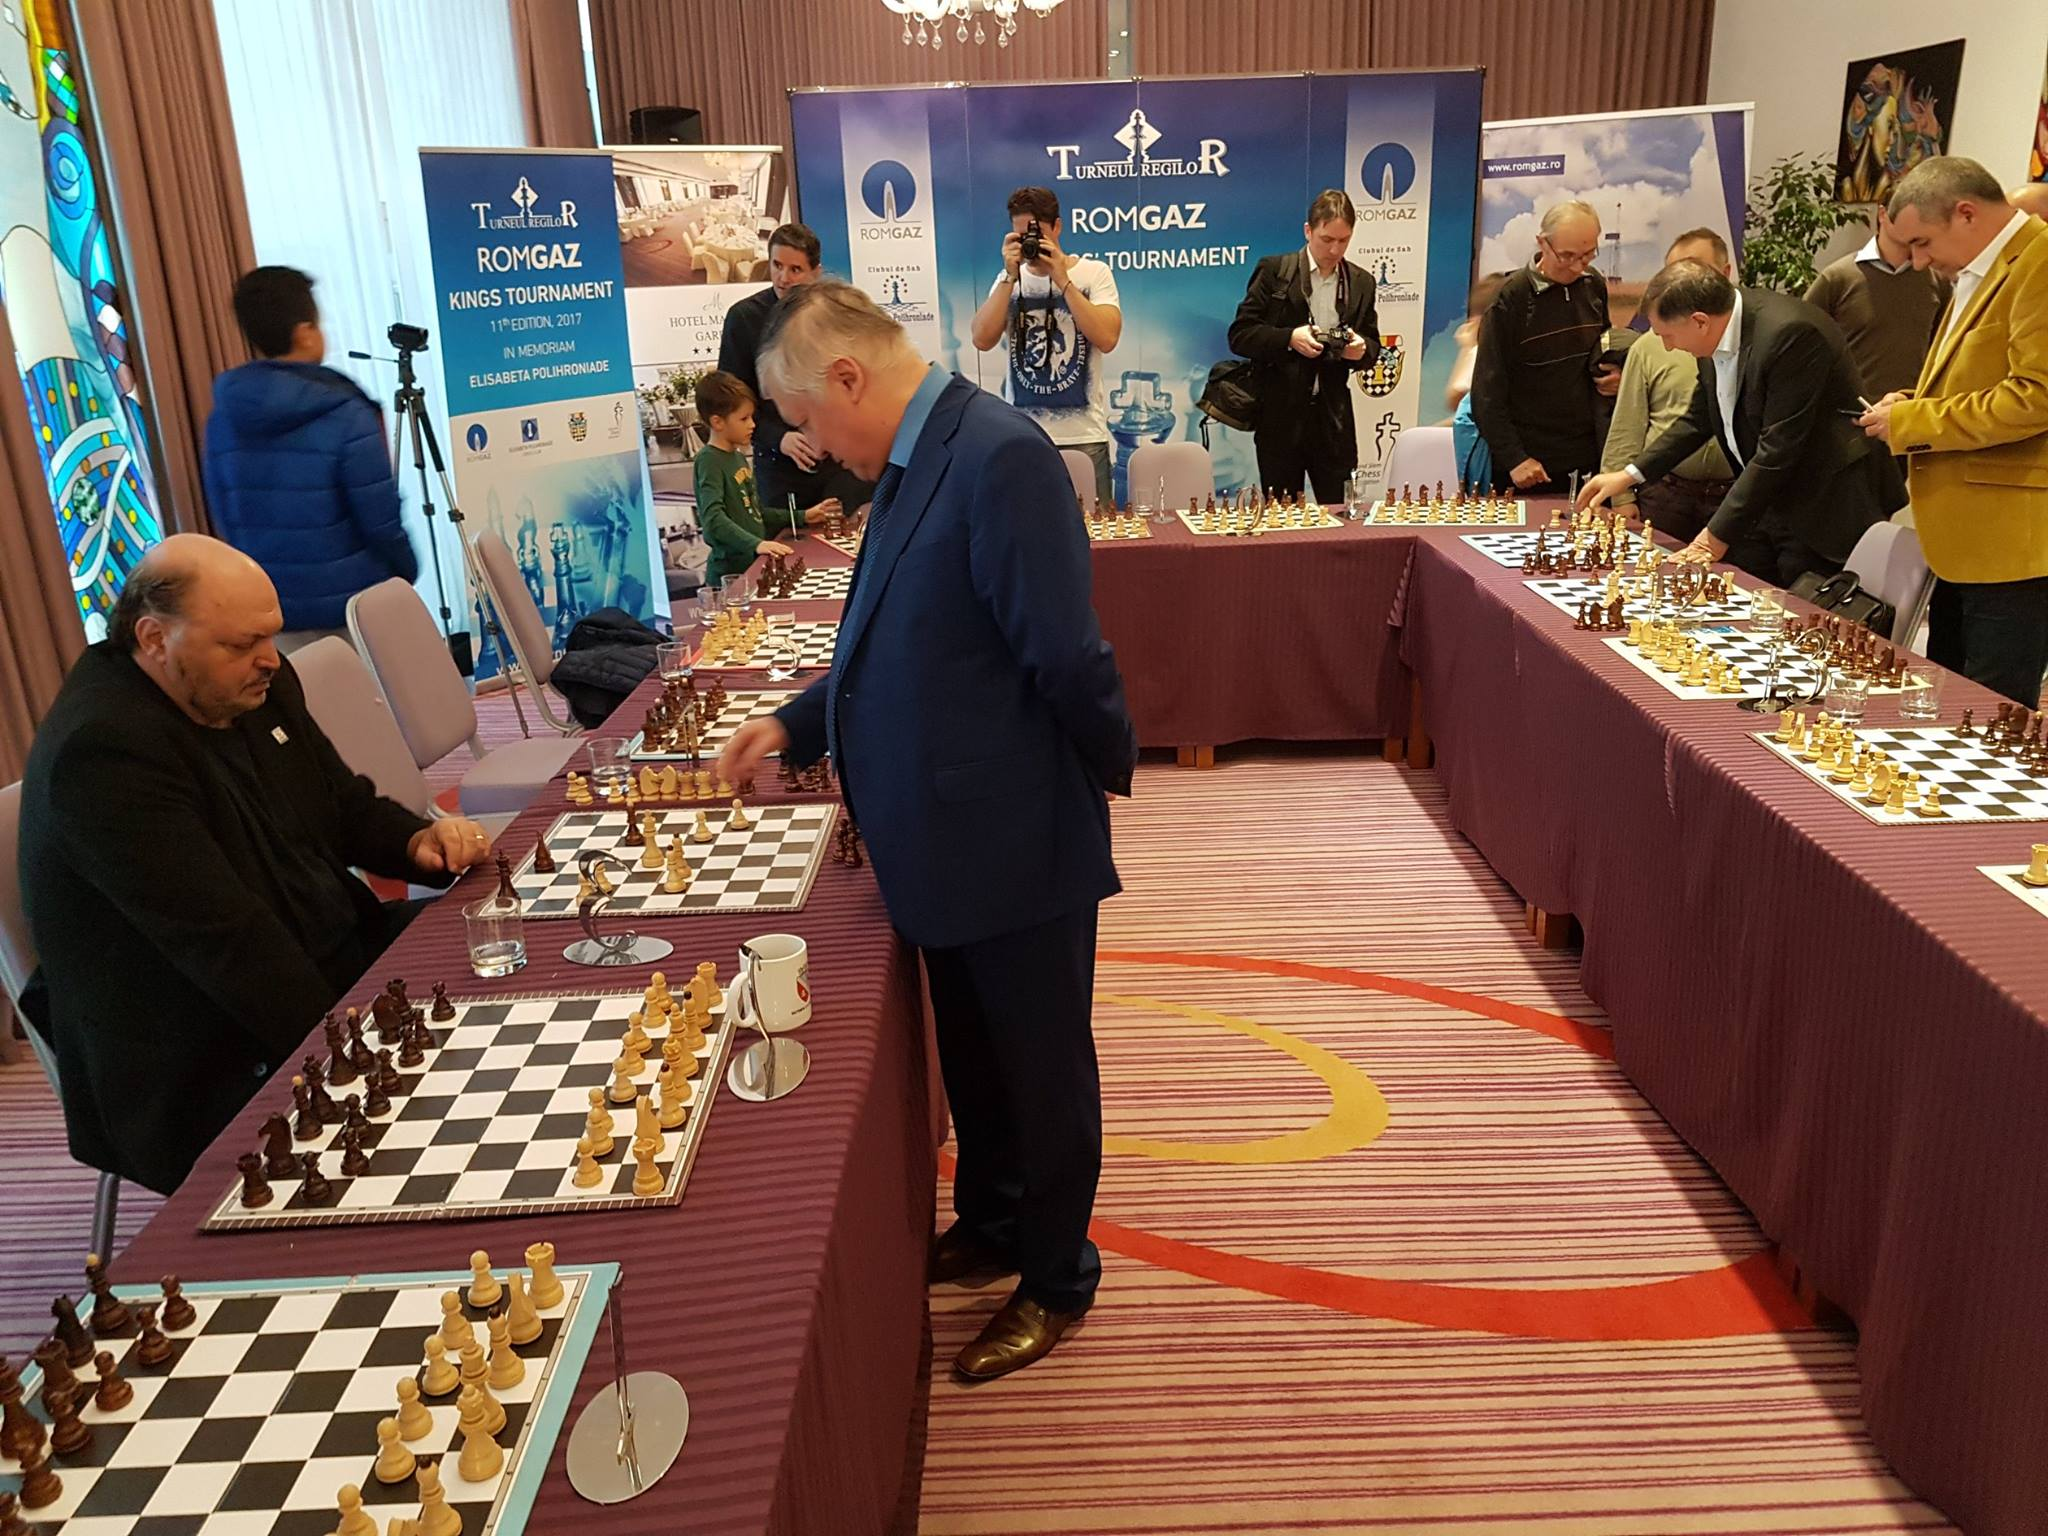 """VIDEO/ Victor Socaciu, confruntare cu maestrul de șah Anatoly Karpov. """"M-a bătut, însă am fost ultimul învins!"""""""